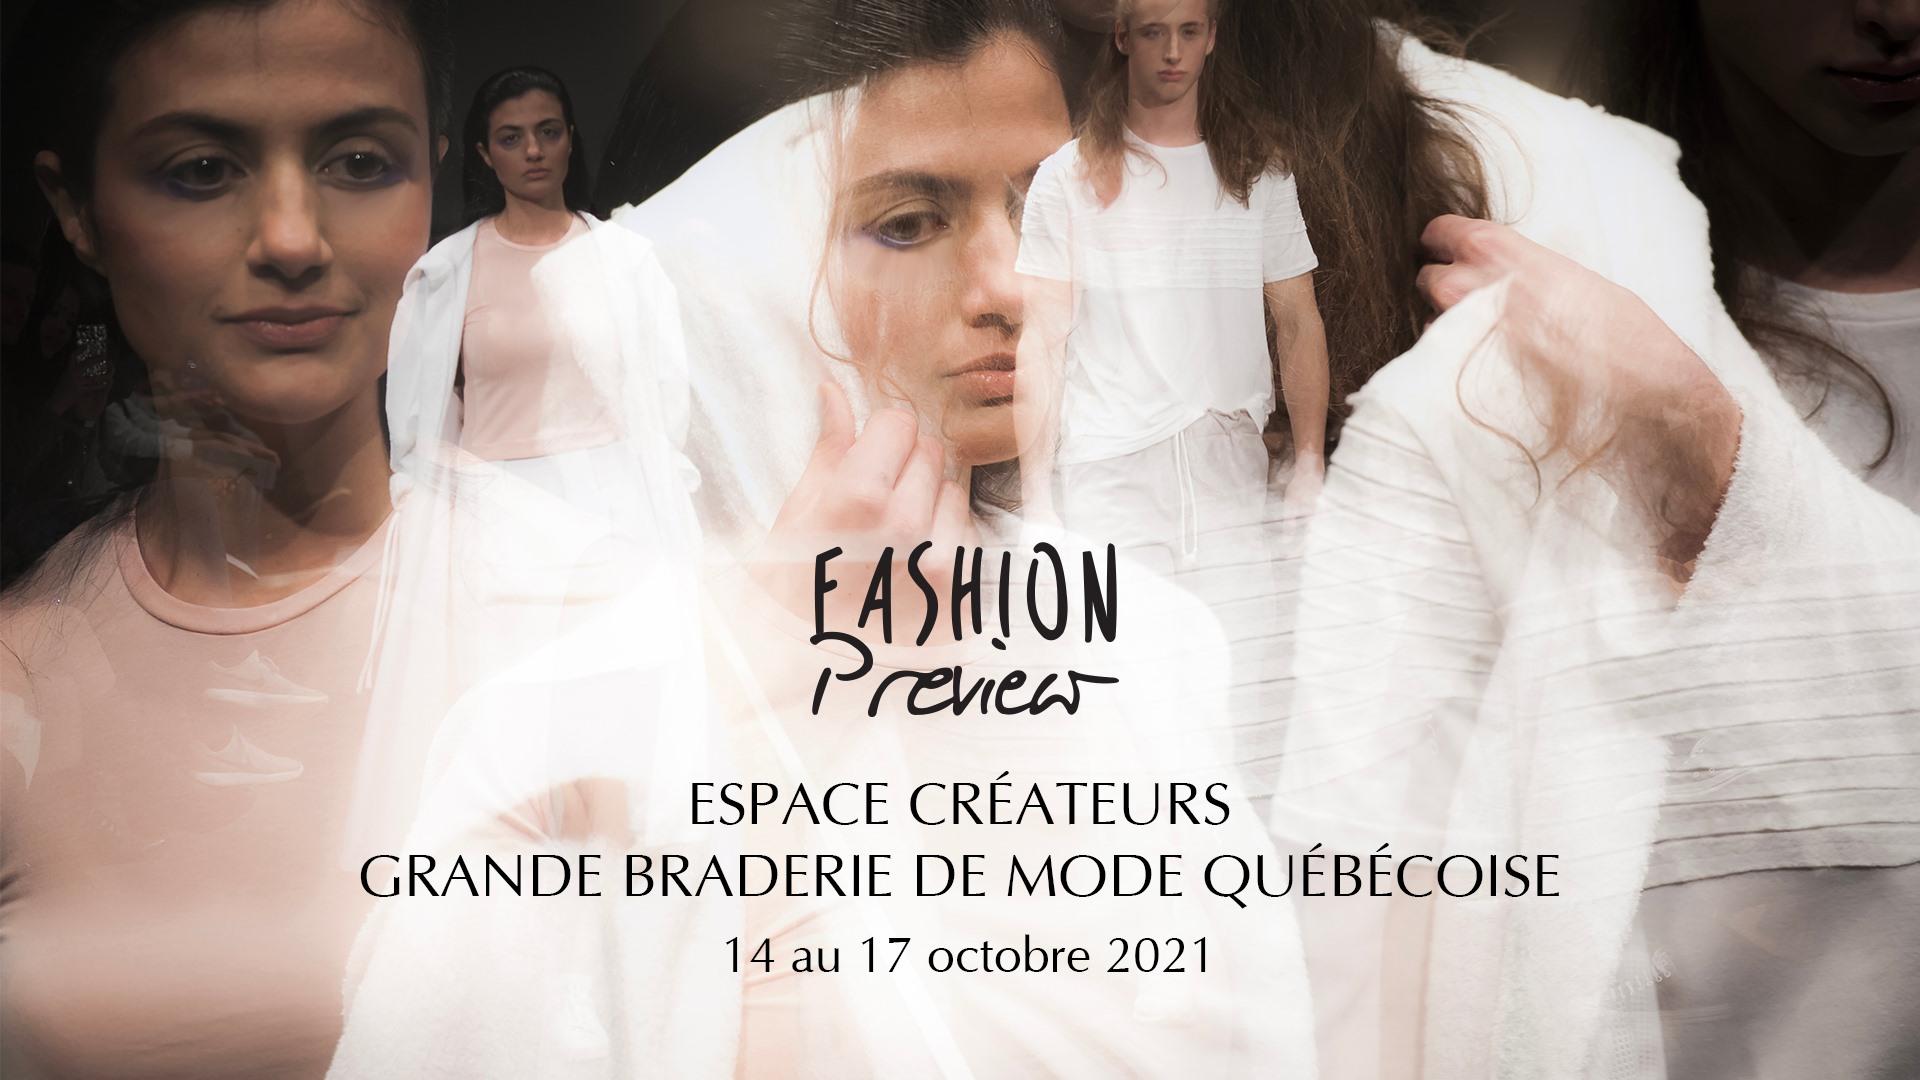 Fashion Preview à la Grande Braderie de Mode Québécoise